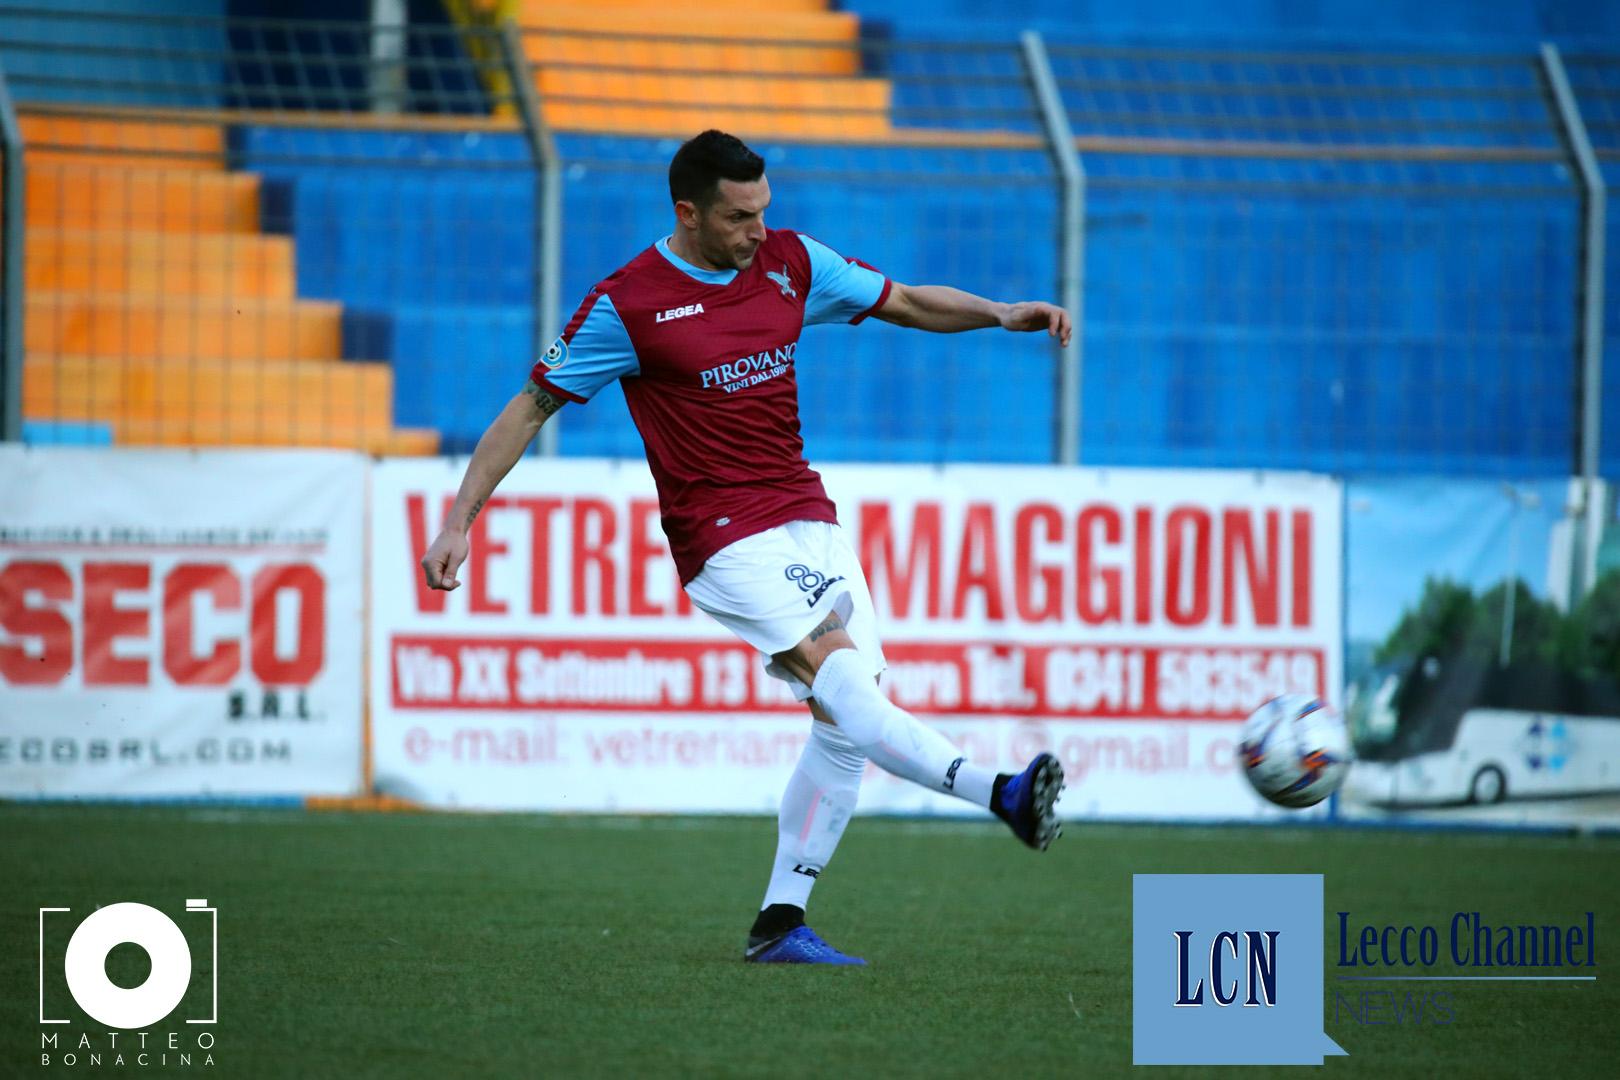 Calcio Lecco Foppenico Amichevole 10 Gennaio 2019 (20)